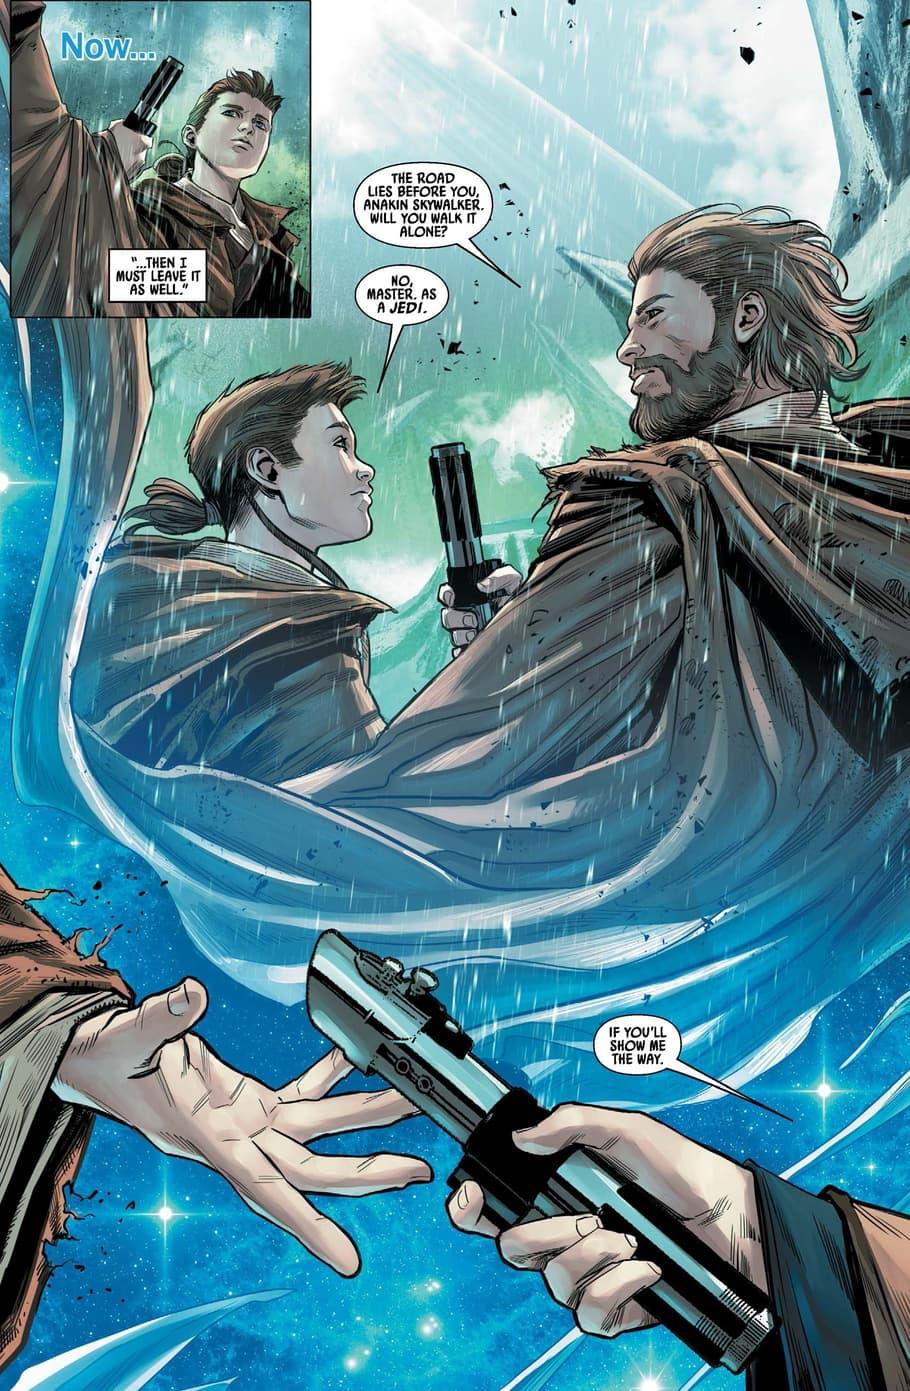 Obi-Wan entrusts Anakin with his teachings.